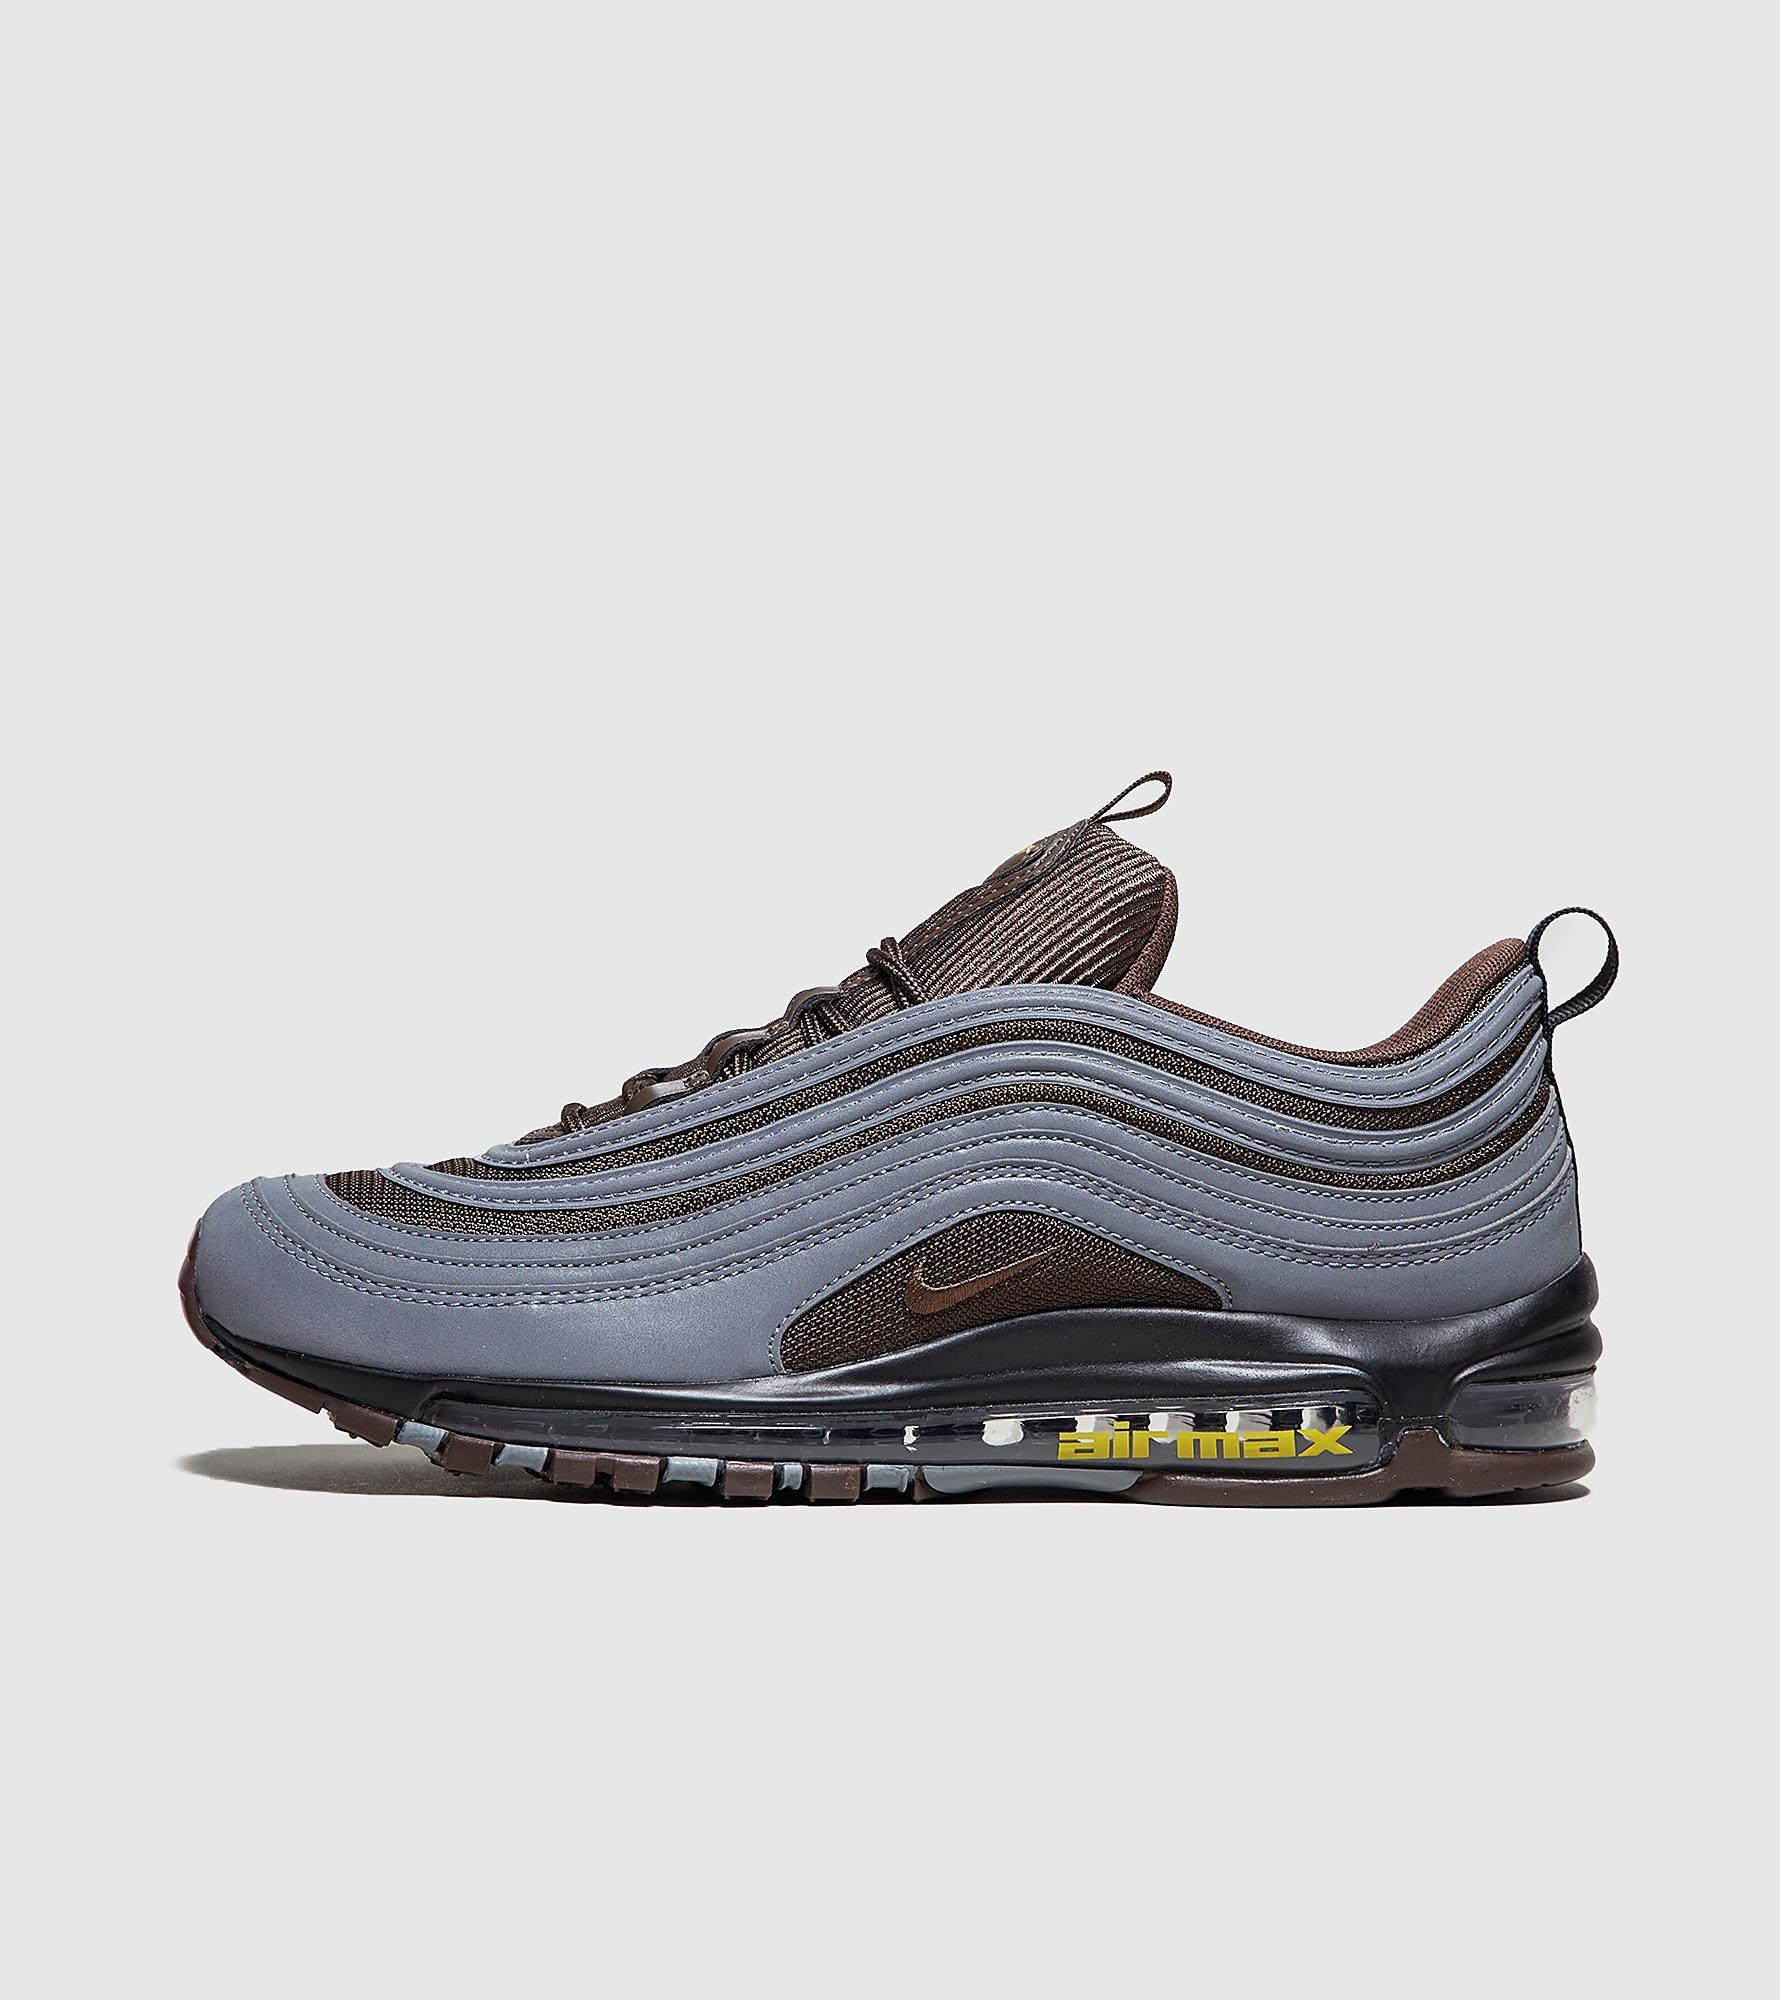 c77f4184fa5ba5 Precios de Nike Air Max 97 Premium Nike baratos - Ofertas para ...